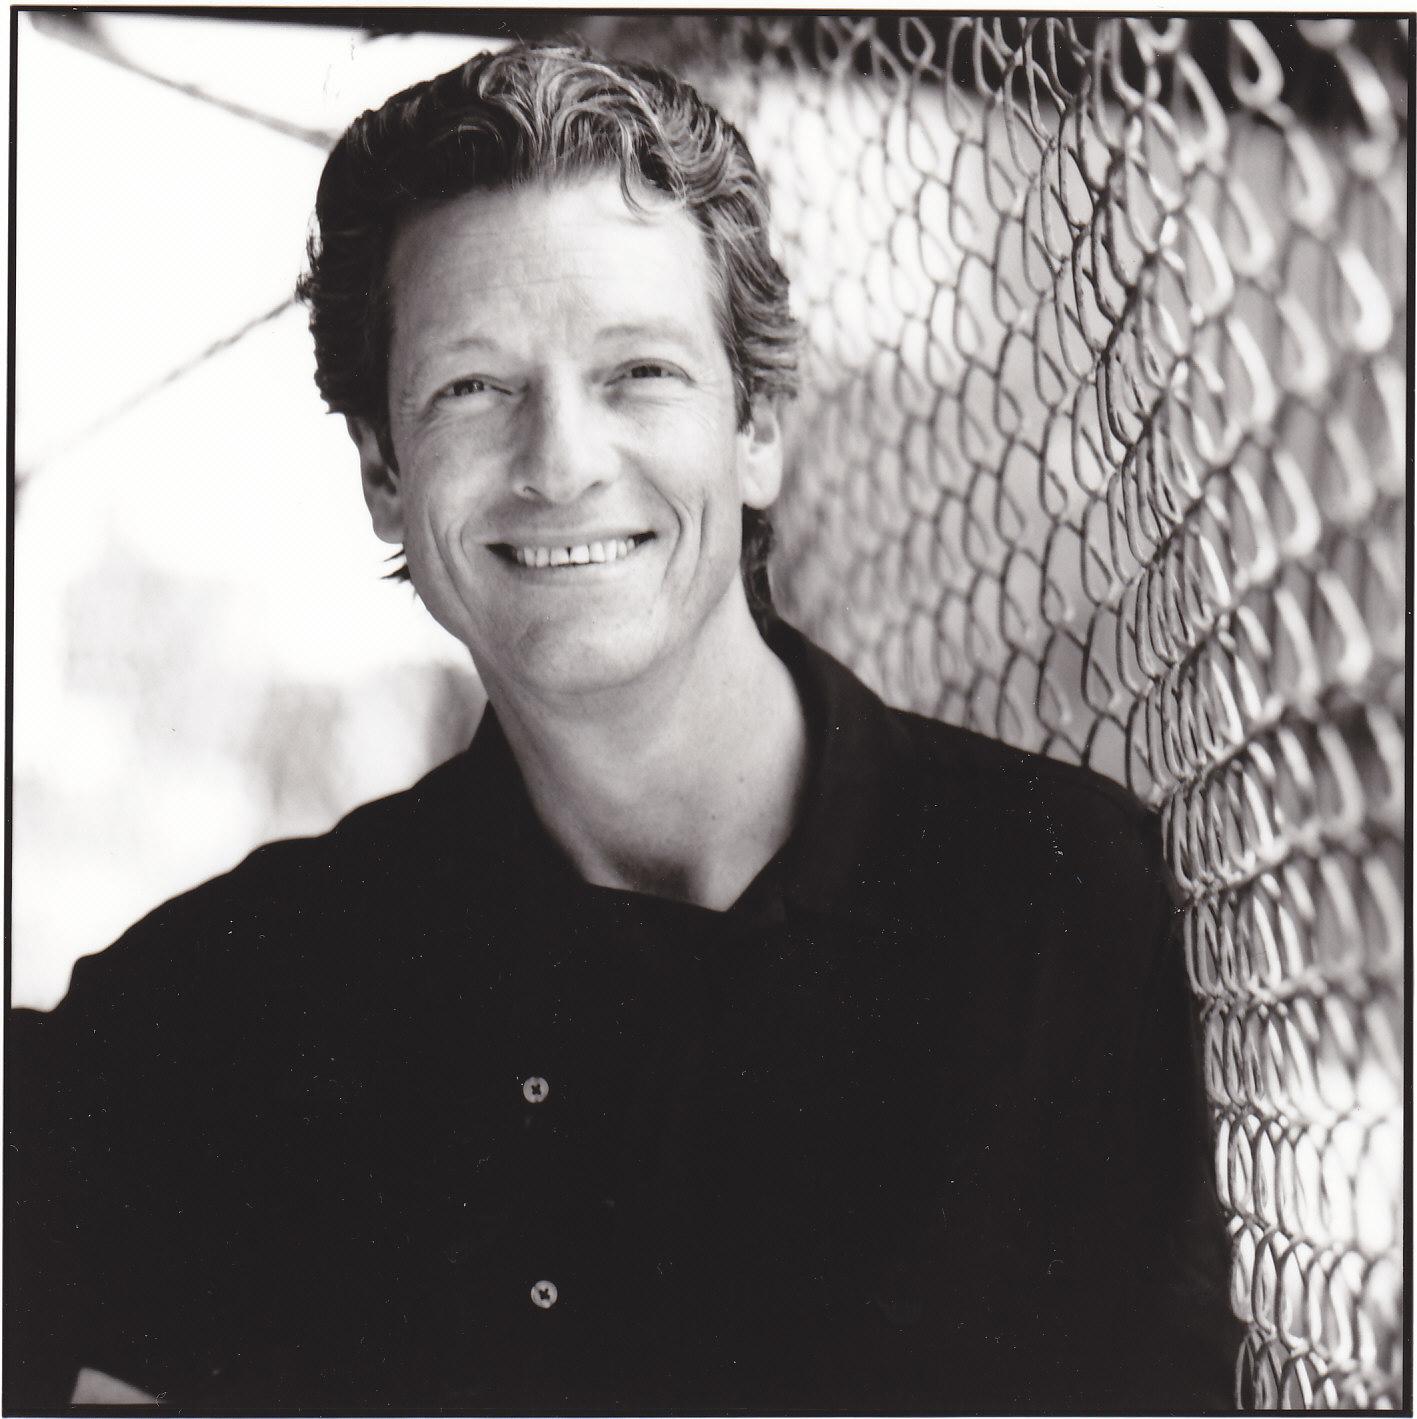 John-Hammond-Virgin-publicity-photo-1993